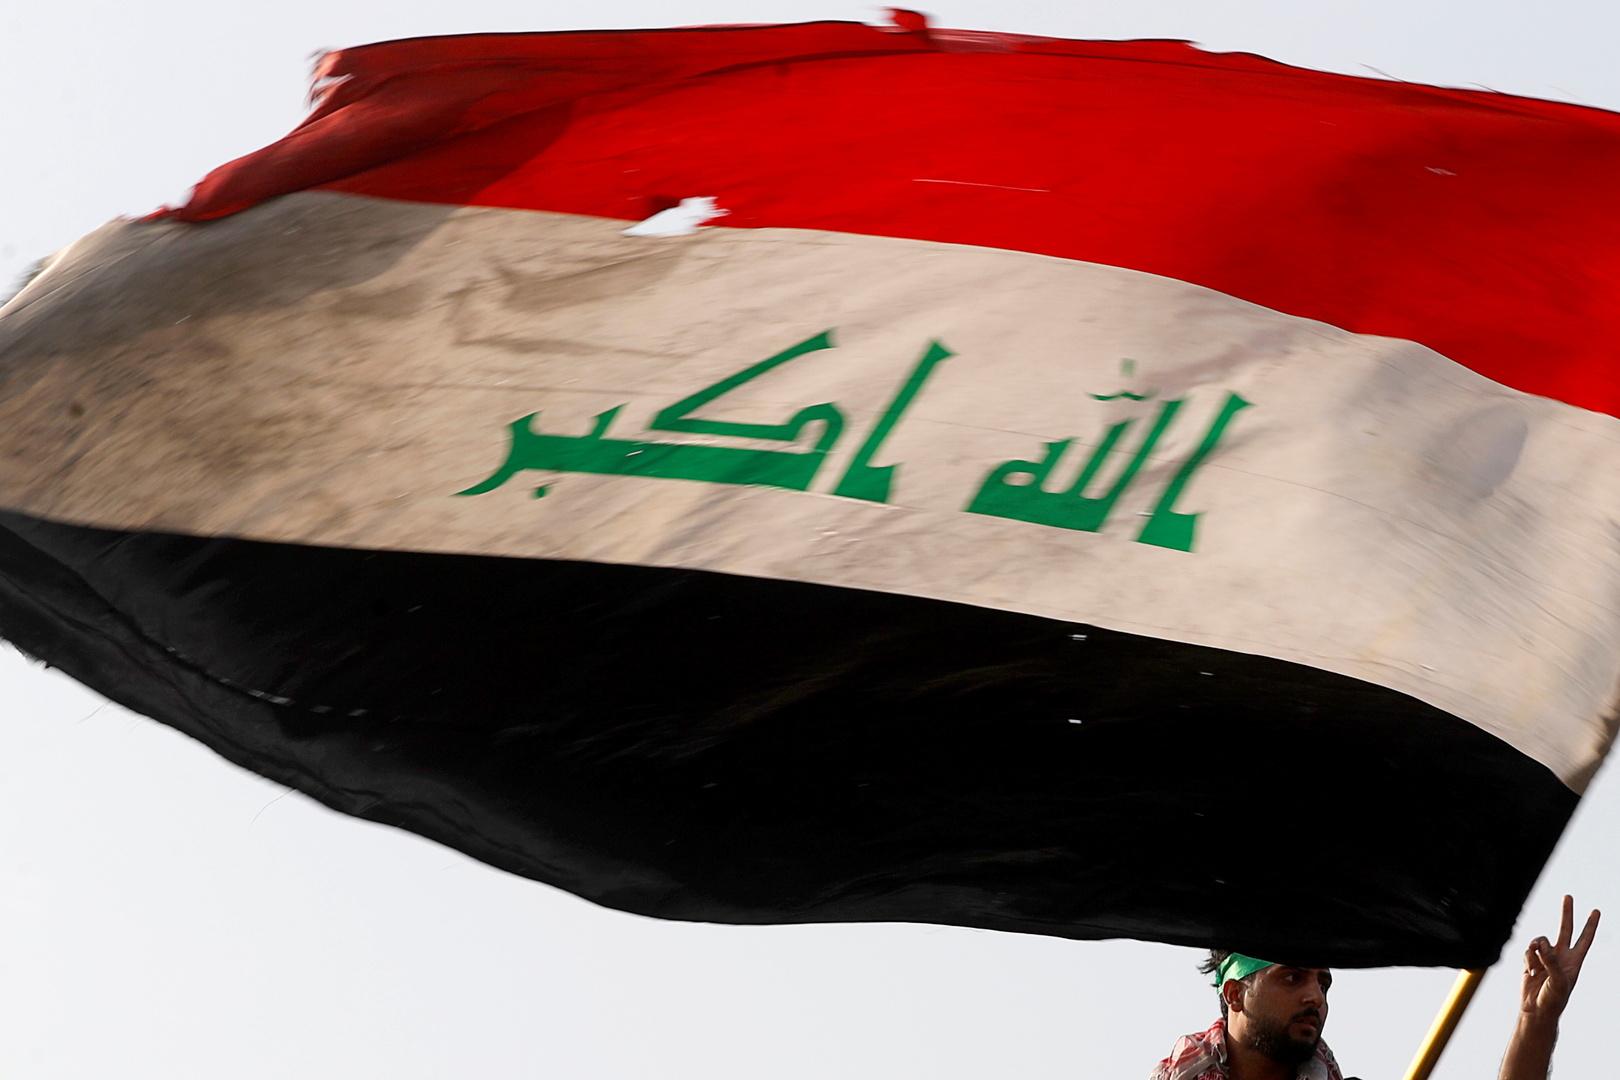 خلية الإعلام الأمني: اكتشاف لغم بحري تم إلصاقه بإحدى السفن قرب الموانئ العراقية